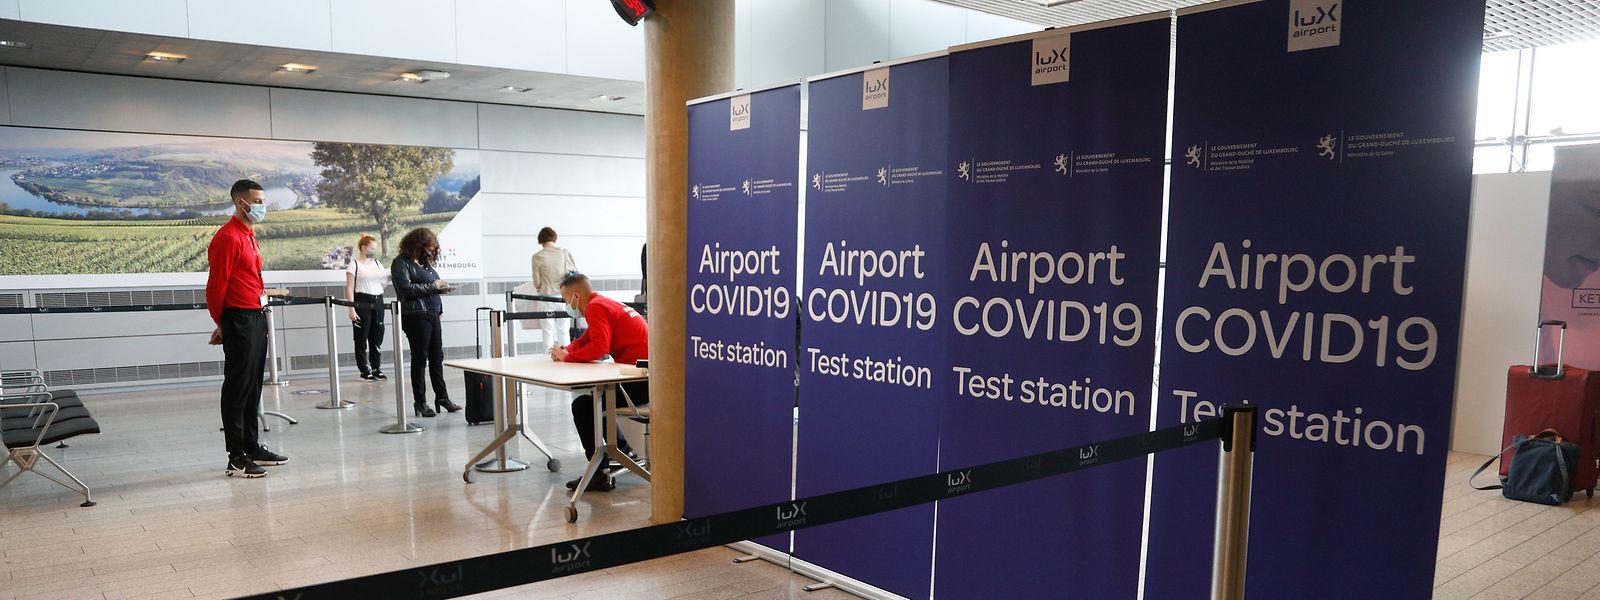 A compter de vendredi, les passagers arrivant au Luxembourg par l'aéroport devront présenter un test négatif au covid-19.